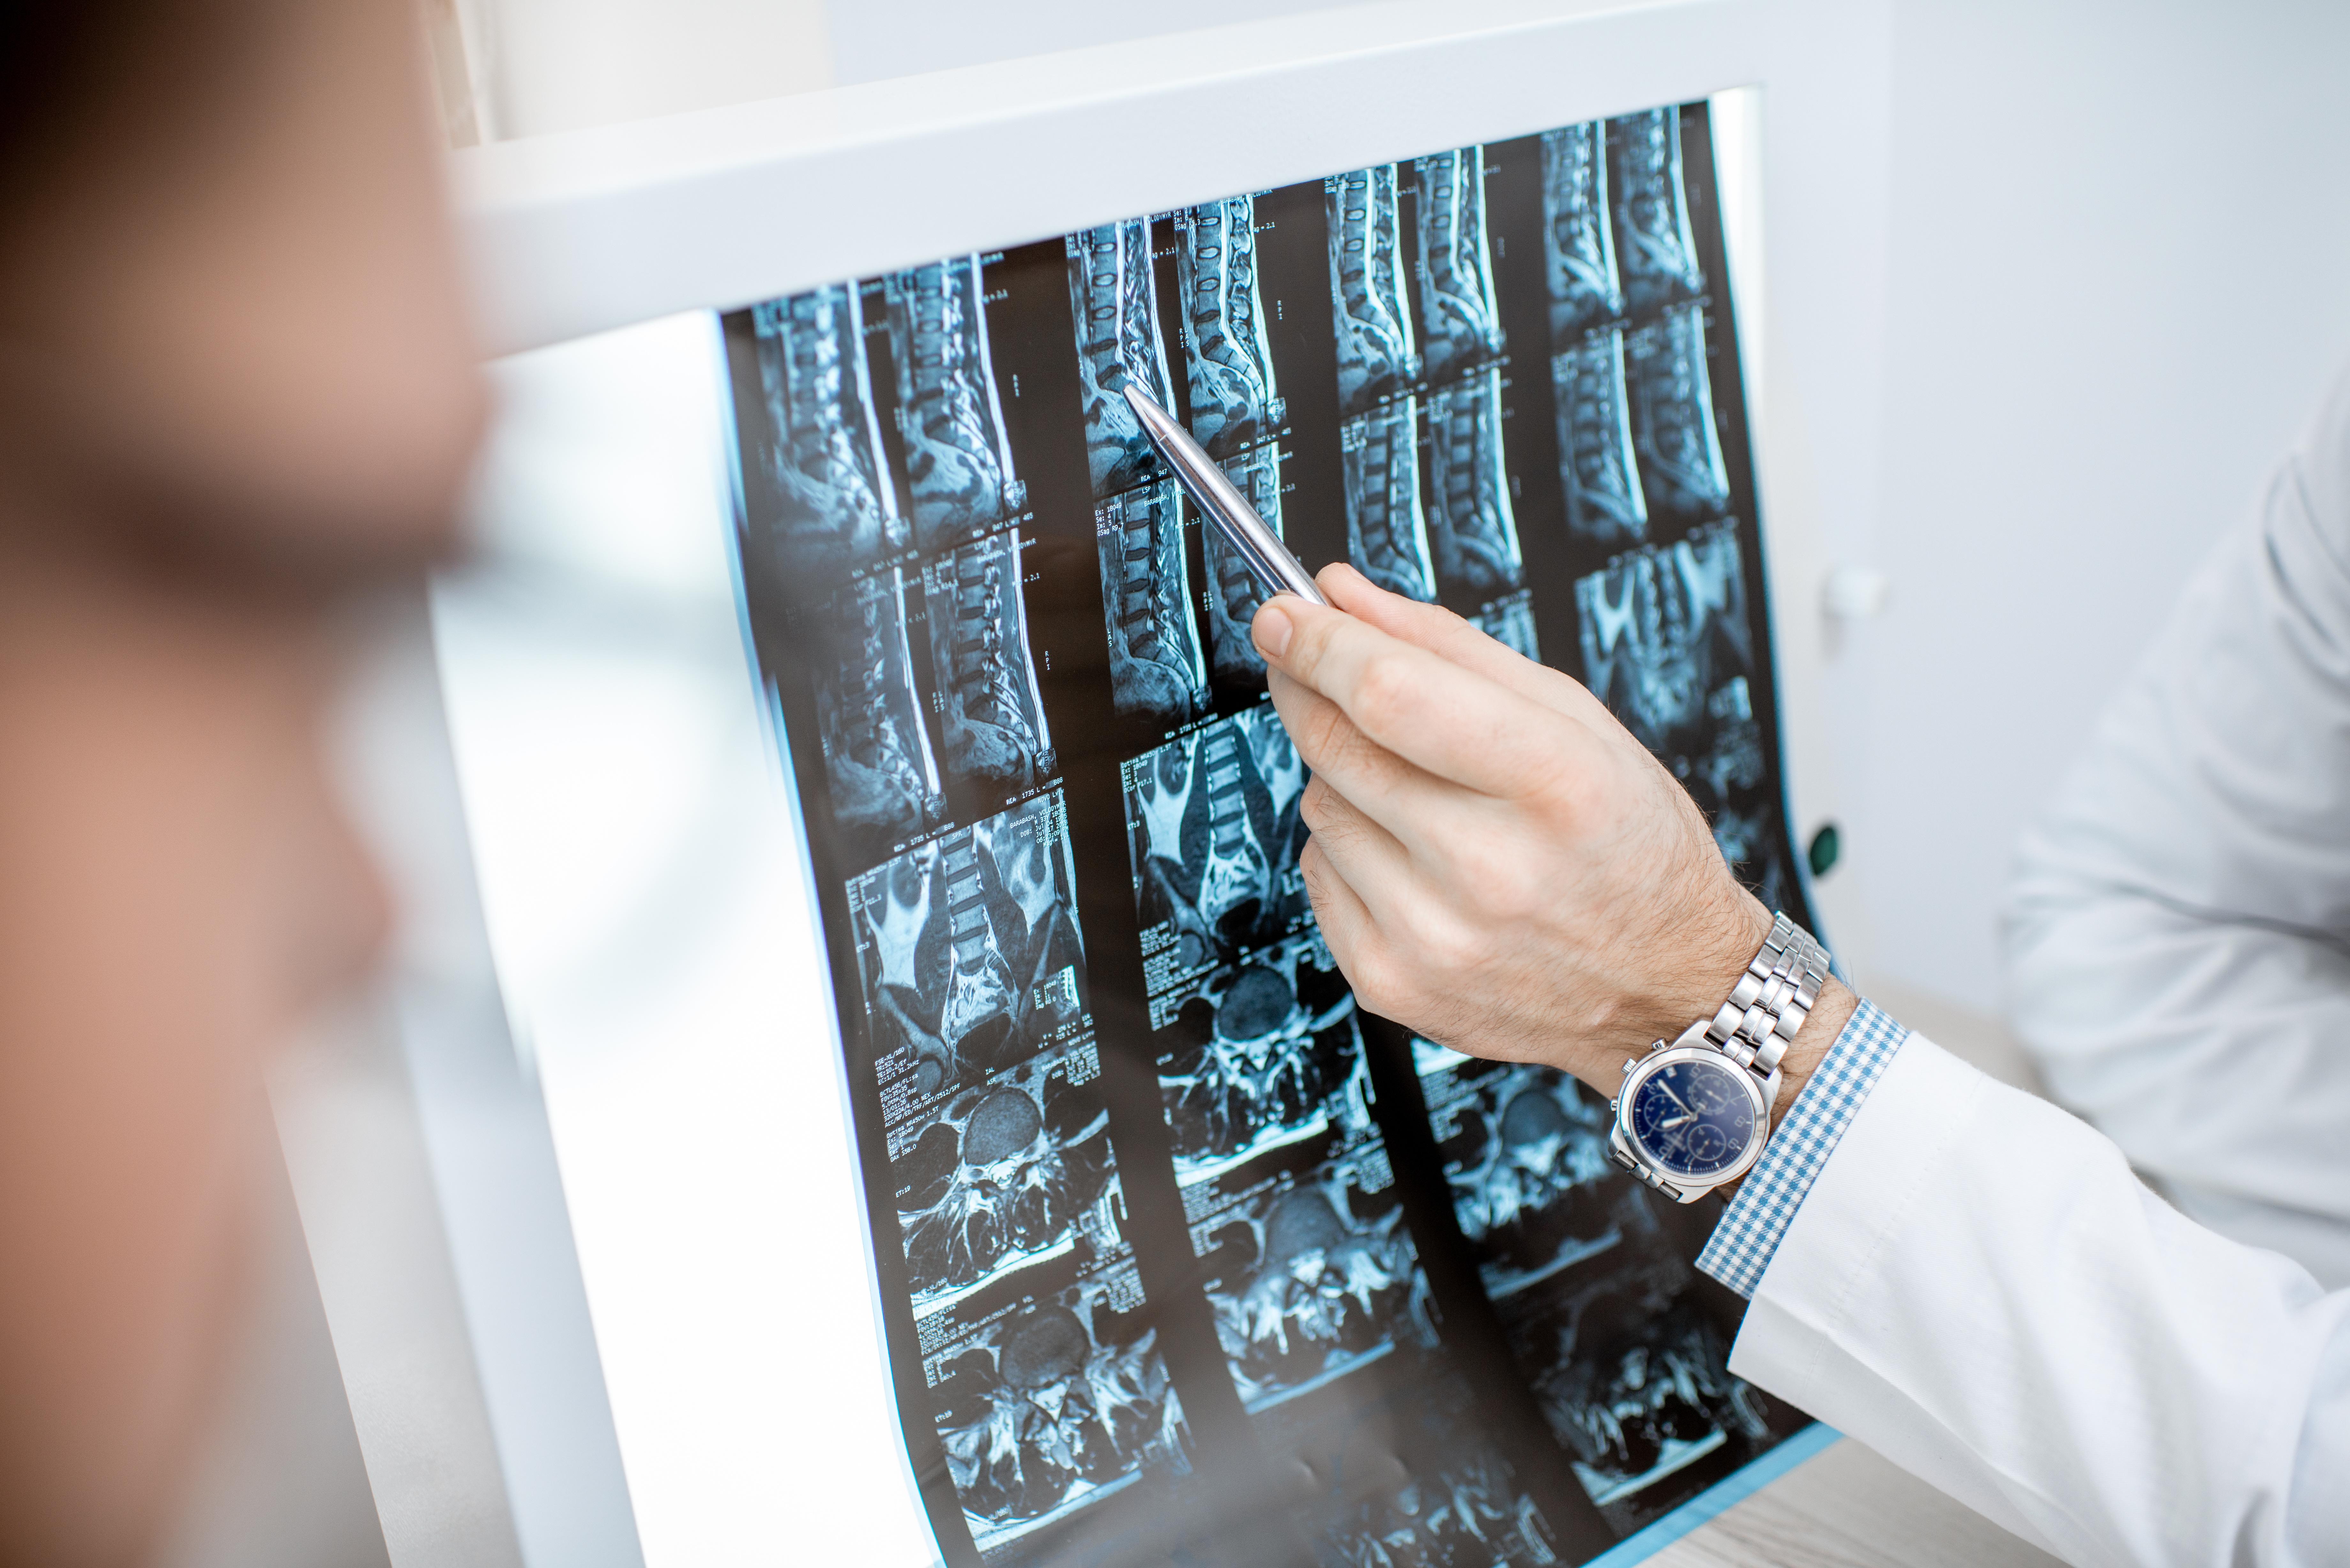 Un nouveau nanobiomatériau appelé hydroxyde double lamellaire (LDH) contribue à inhiber l'environnement inflammatoire entourant les lésions de la moelle épinière, favorisant ainsi la régénération des neurones et la reconstruction du circuit neural dans la colonne vertébrale (Adobe Stock 247792582)